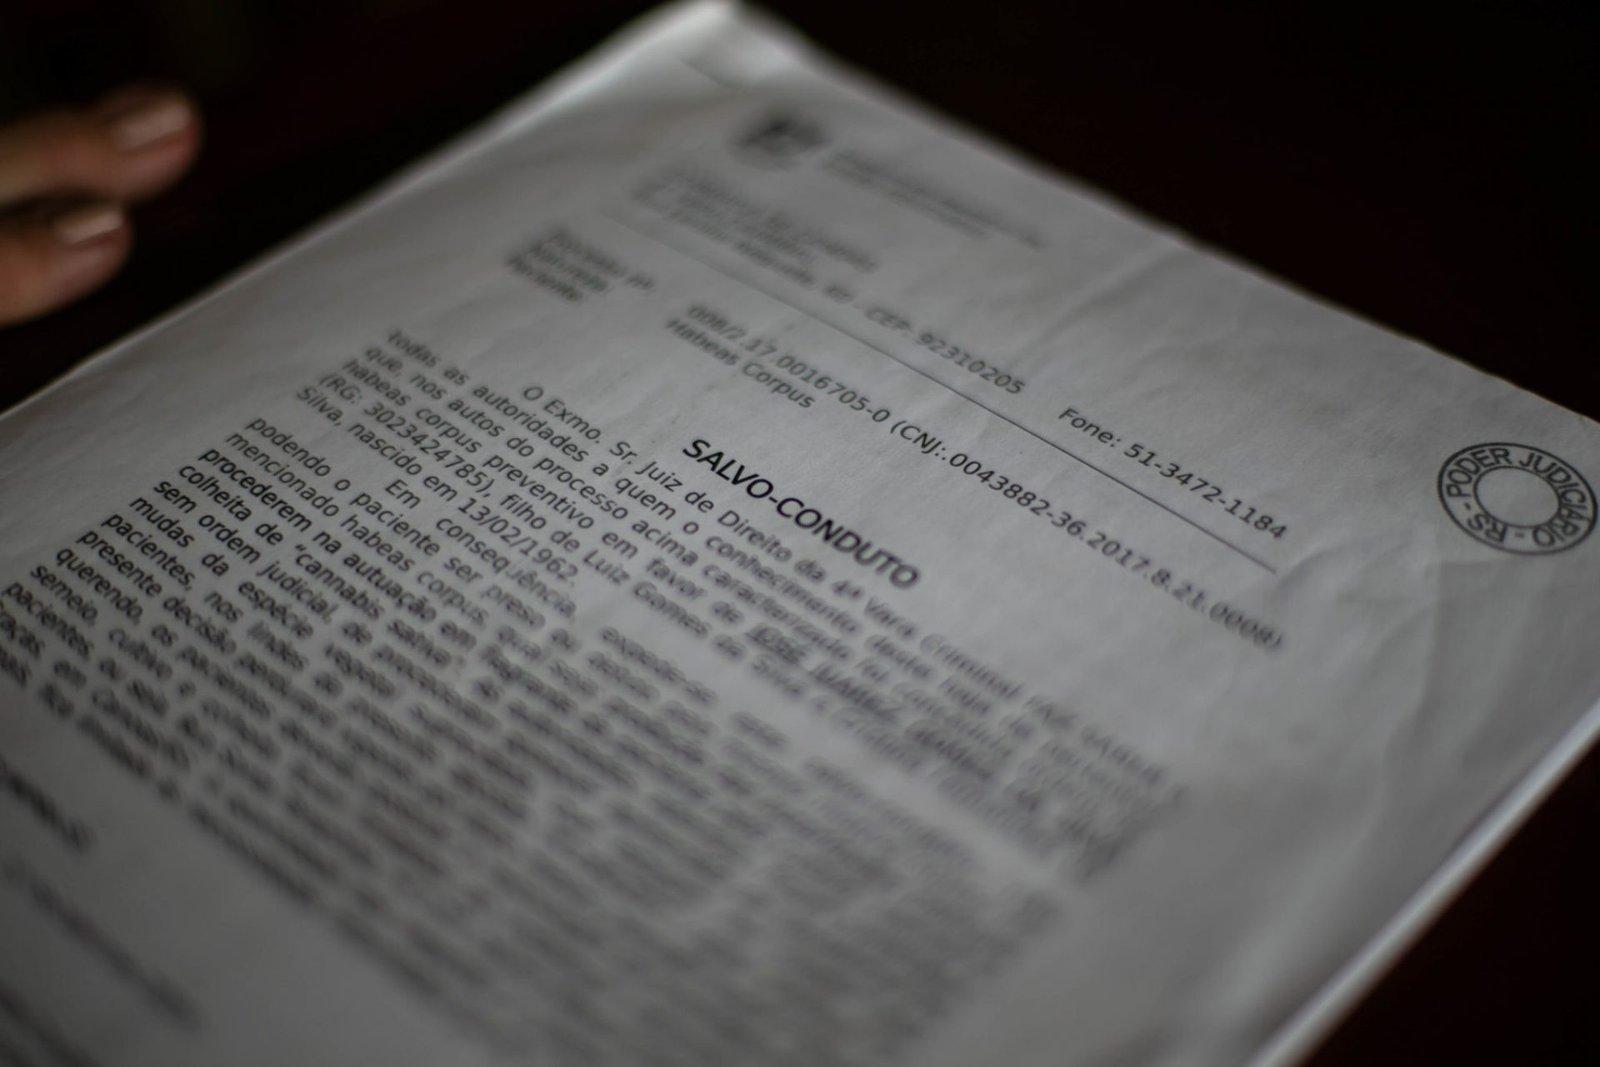 maes desobedecem lei para tratar filhos com maconha 06 scaled 'A gente não pode esperar': mães desobedecem lei para tratar filhos com maconha medicinal